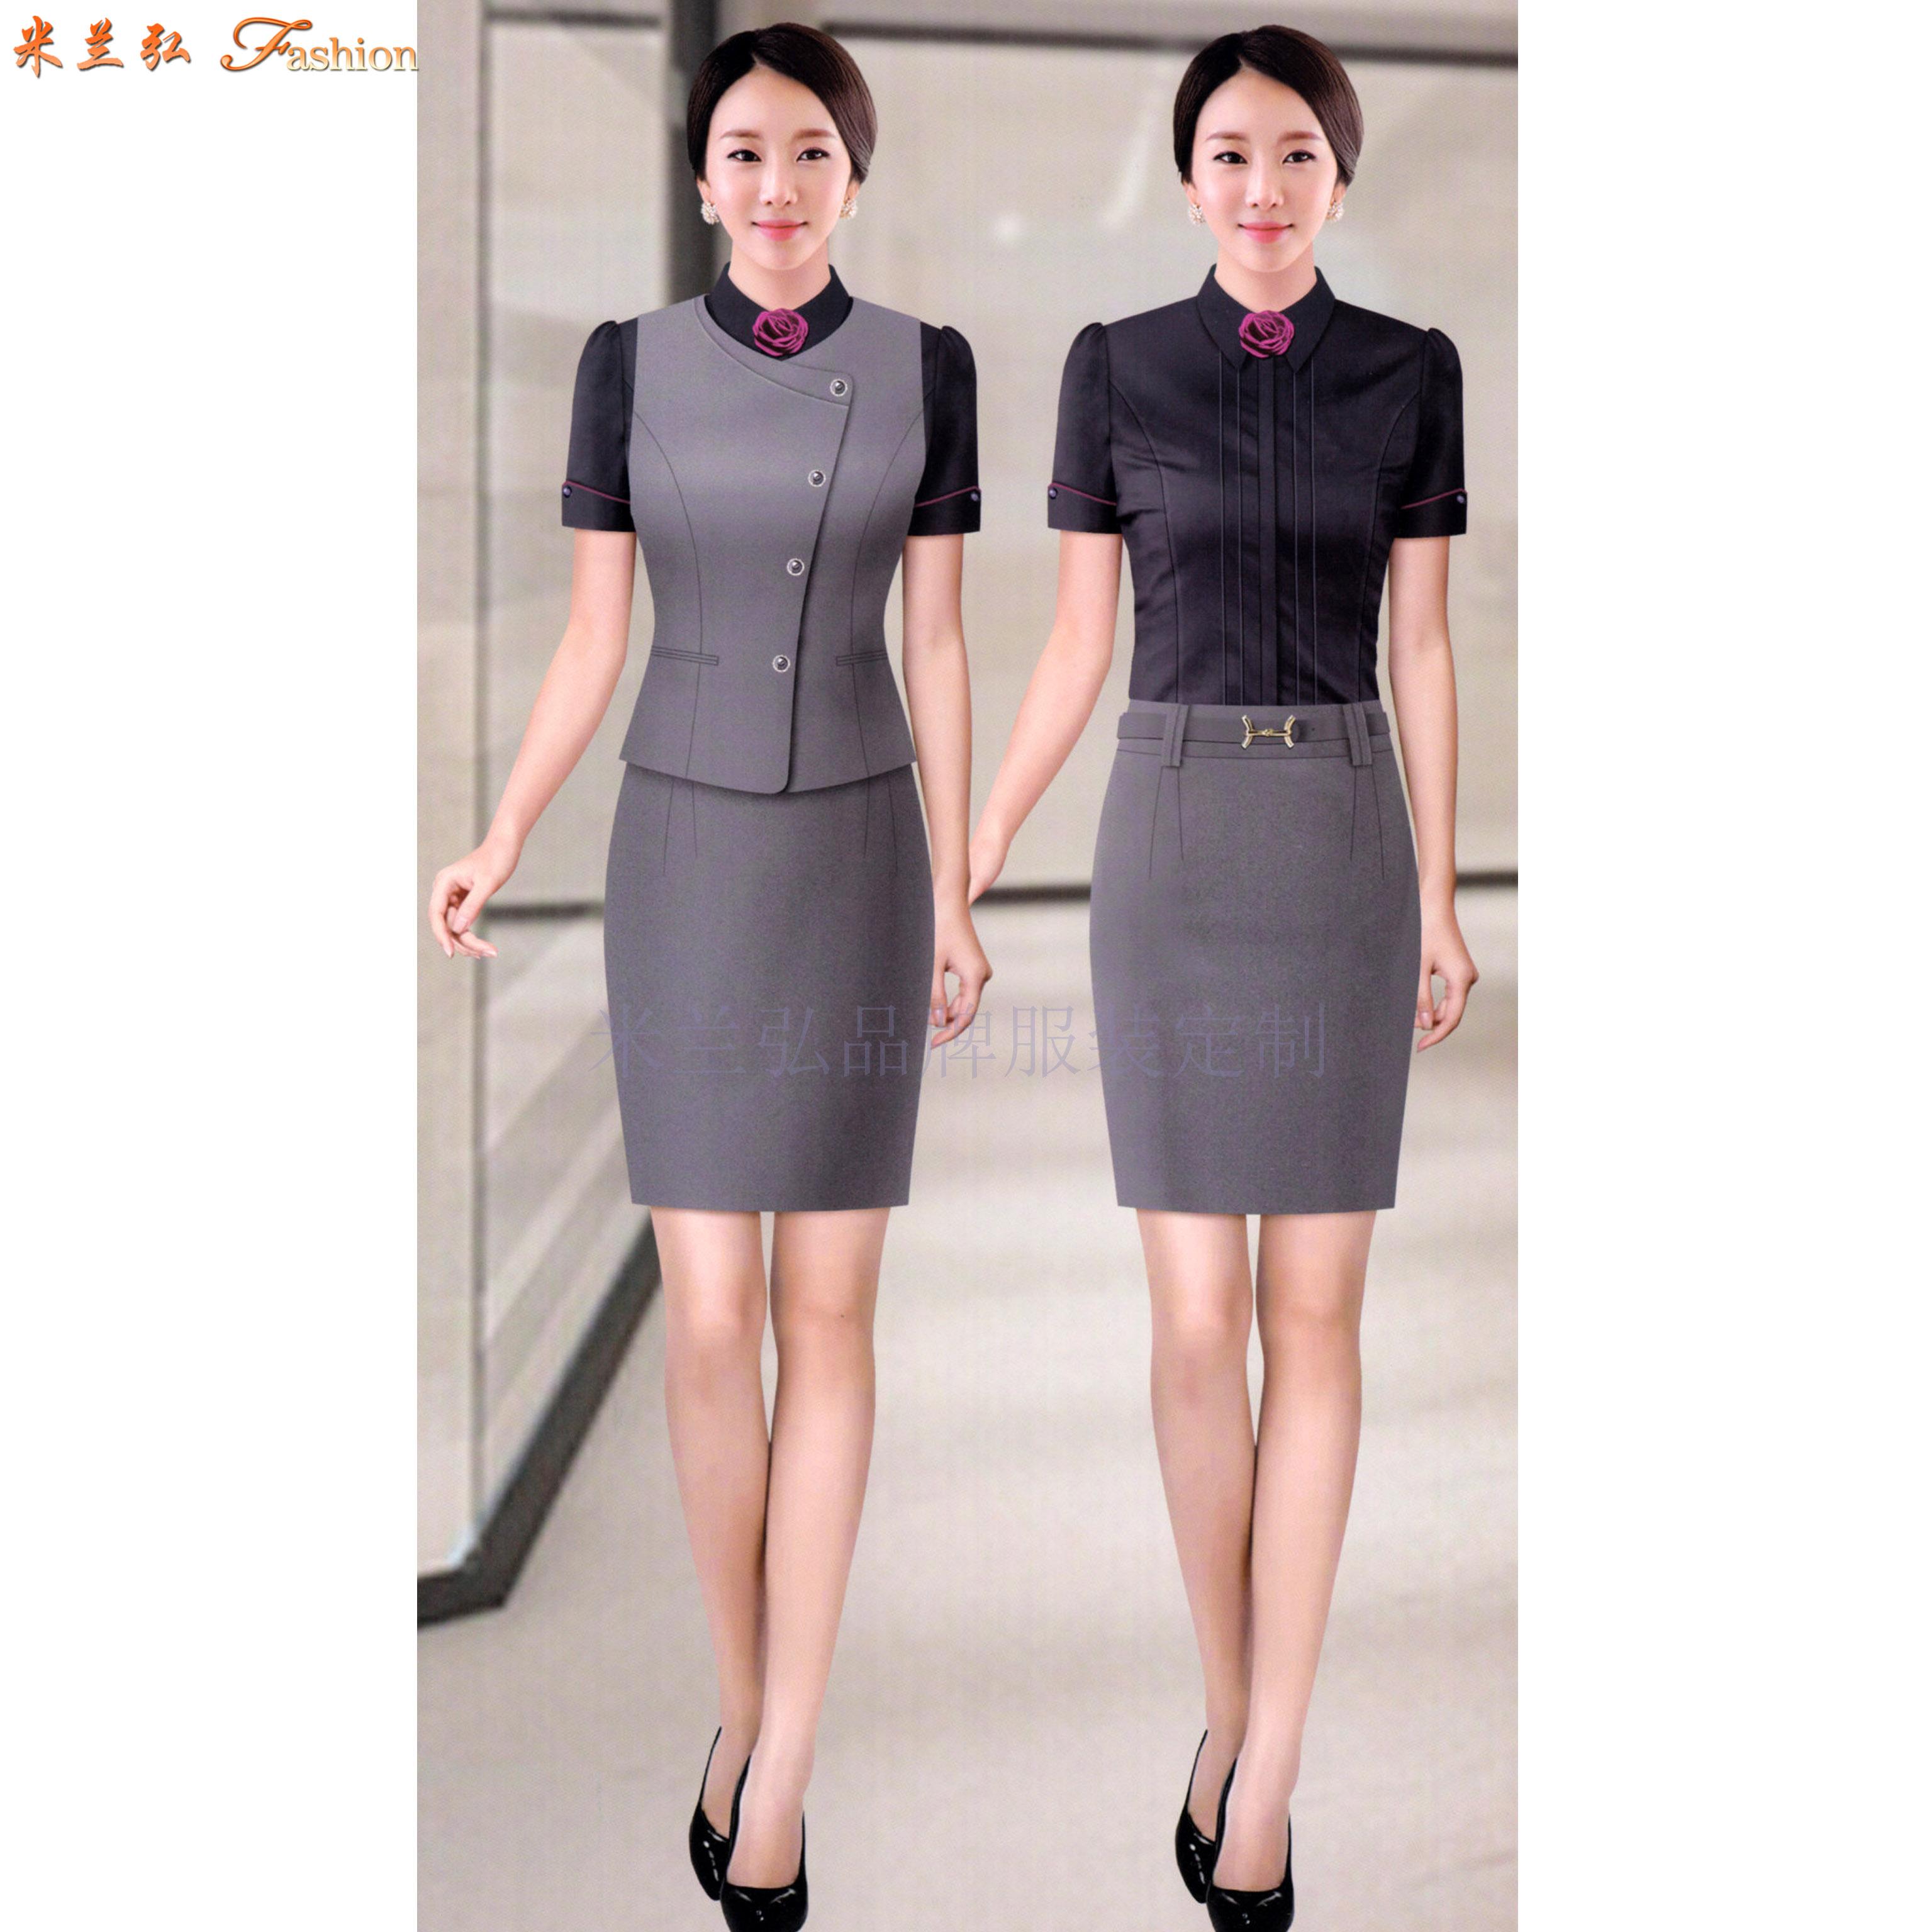 貴州定做襯衫-量體定制工裝襯衫廠家-米蘭弘服裝-5